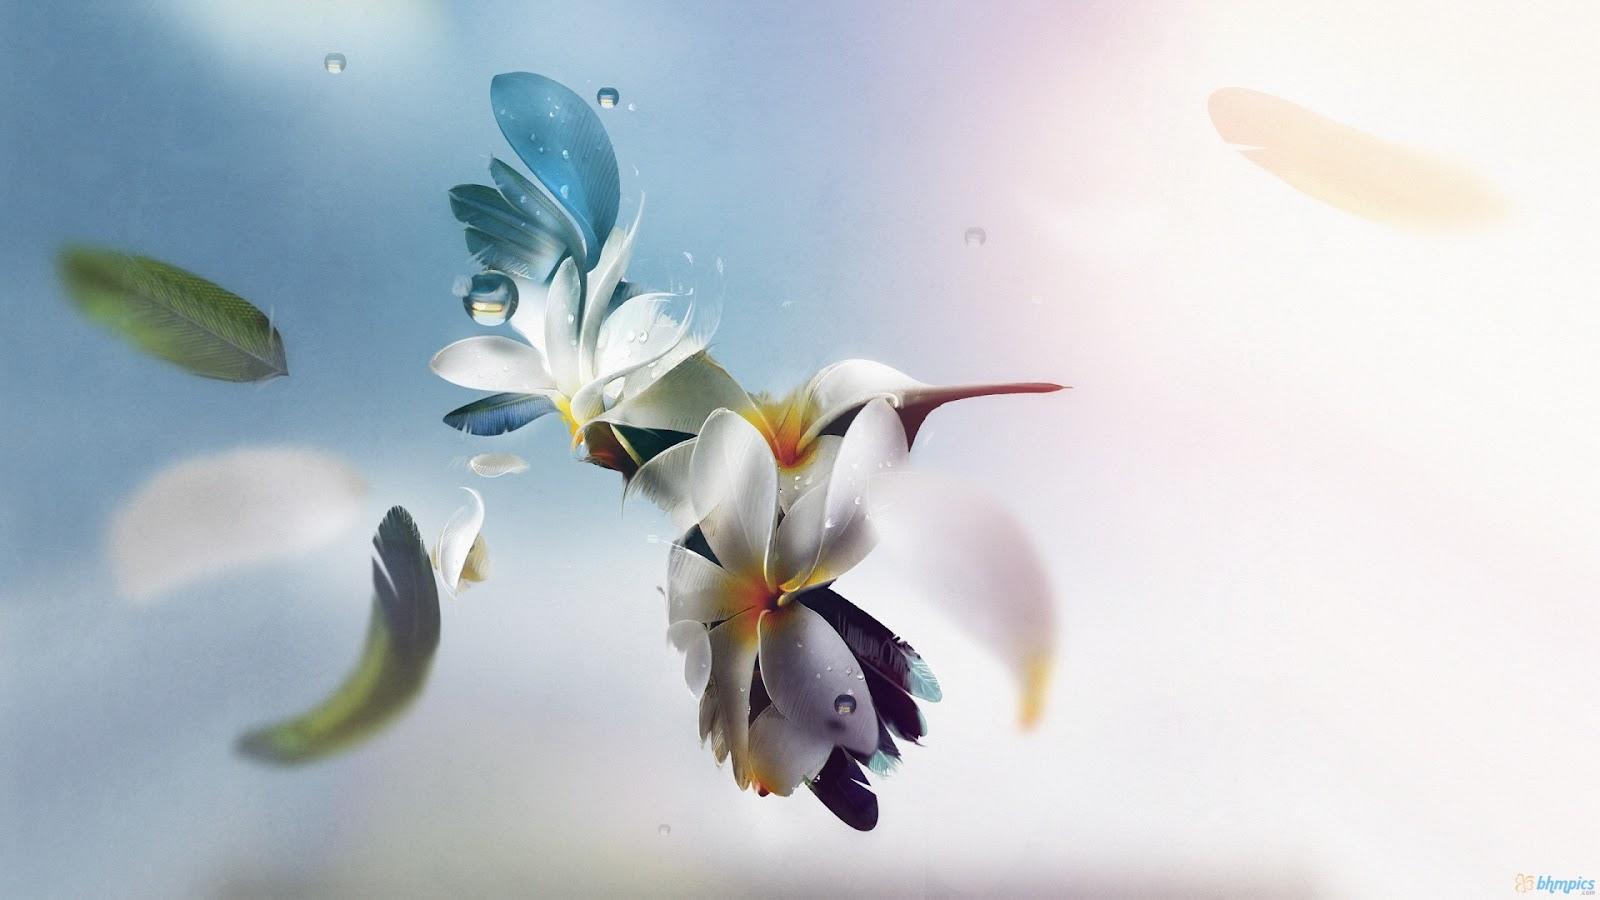 http://2.bp.blogspot.com/-xG4-71UoAy4/UG_NoEi8ygI/AAAAAAAAFcE/TxMD-SCrmgE/s1600/creative_hummingbird-1920x1080.jpg